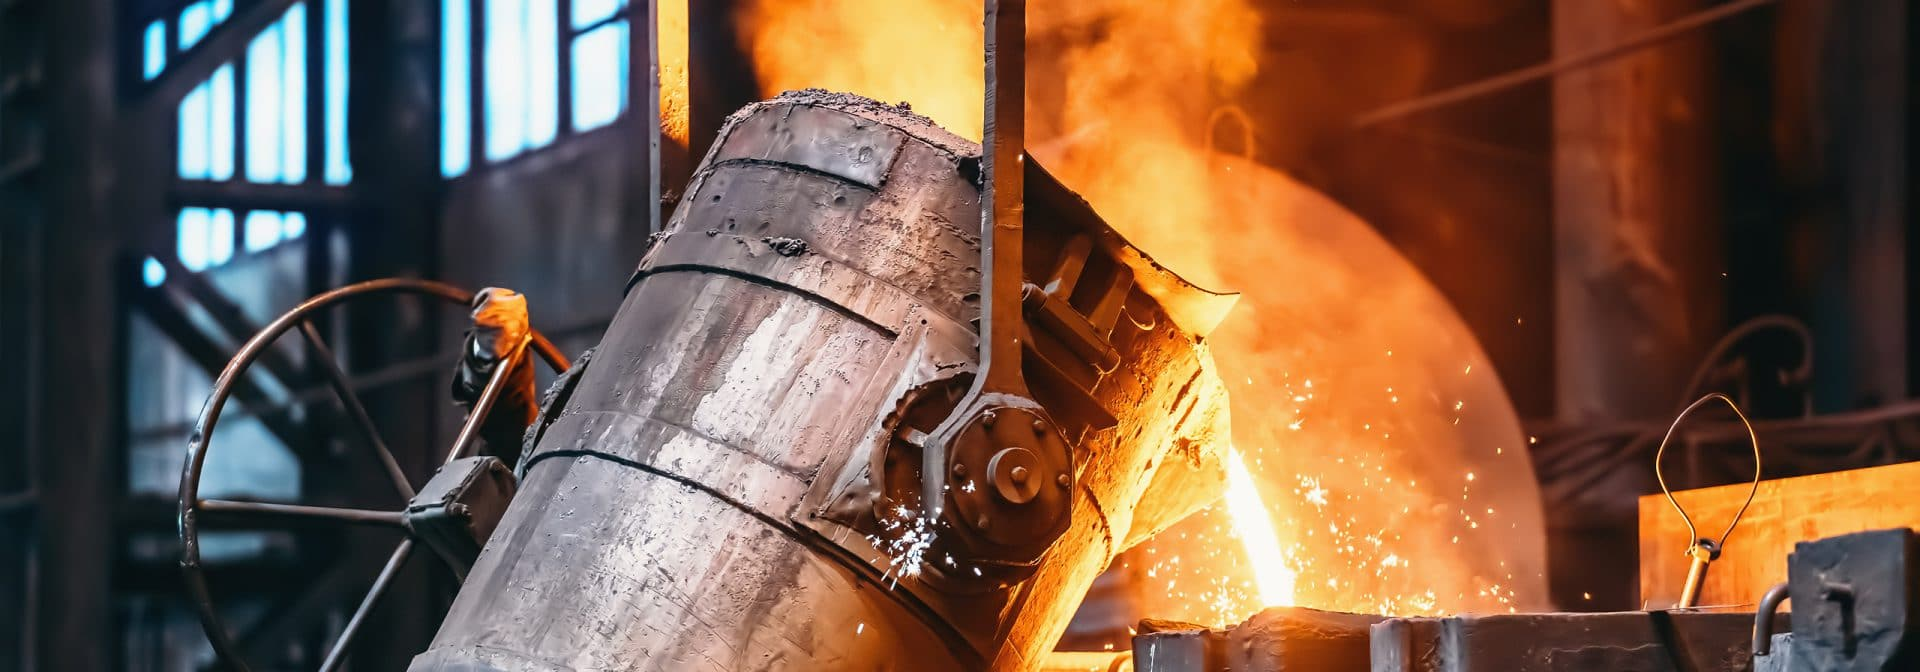 moulages de différents matériaux, comme l'acier, l'acier inoxydable, l'aluminium, le fer et le laiton.